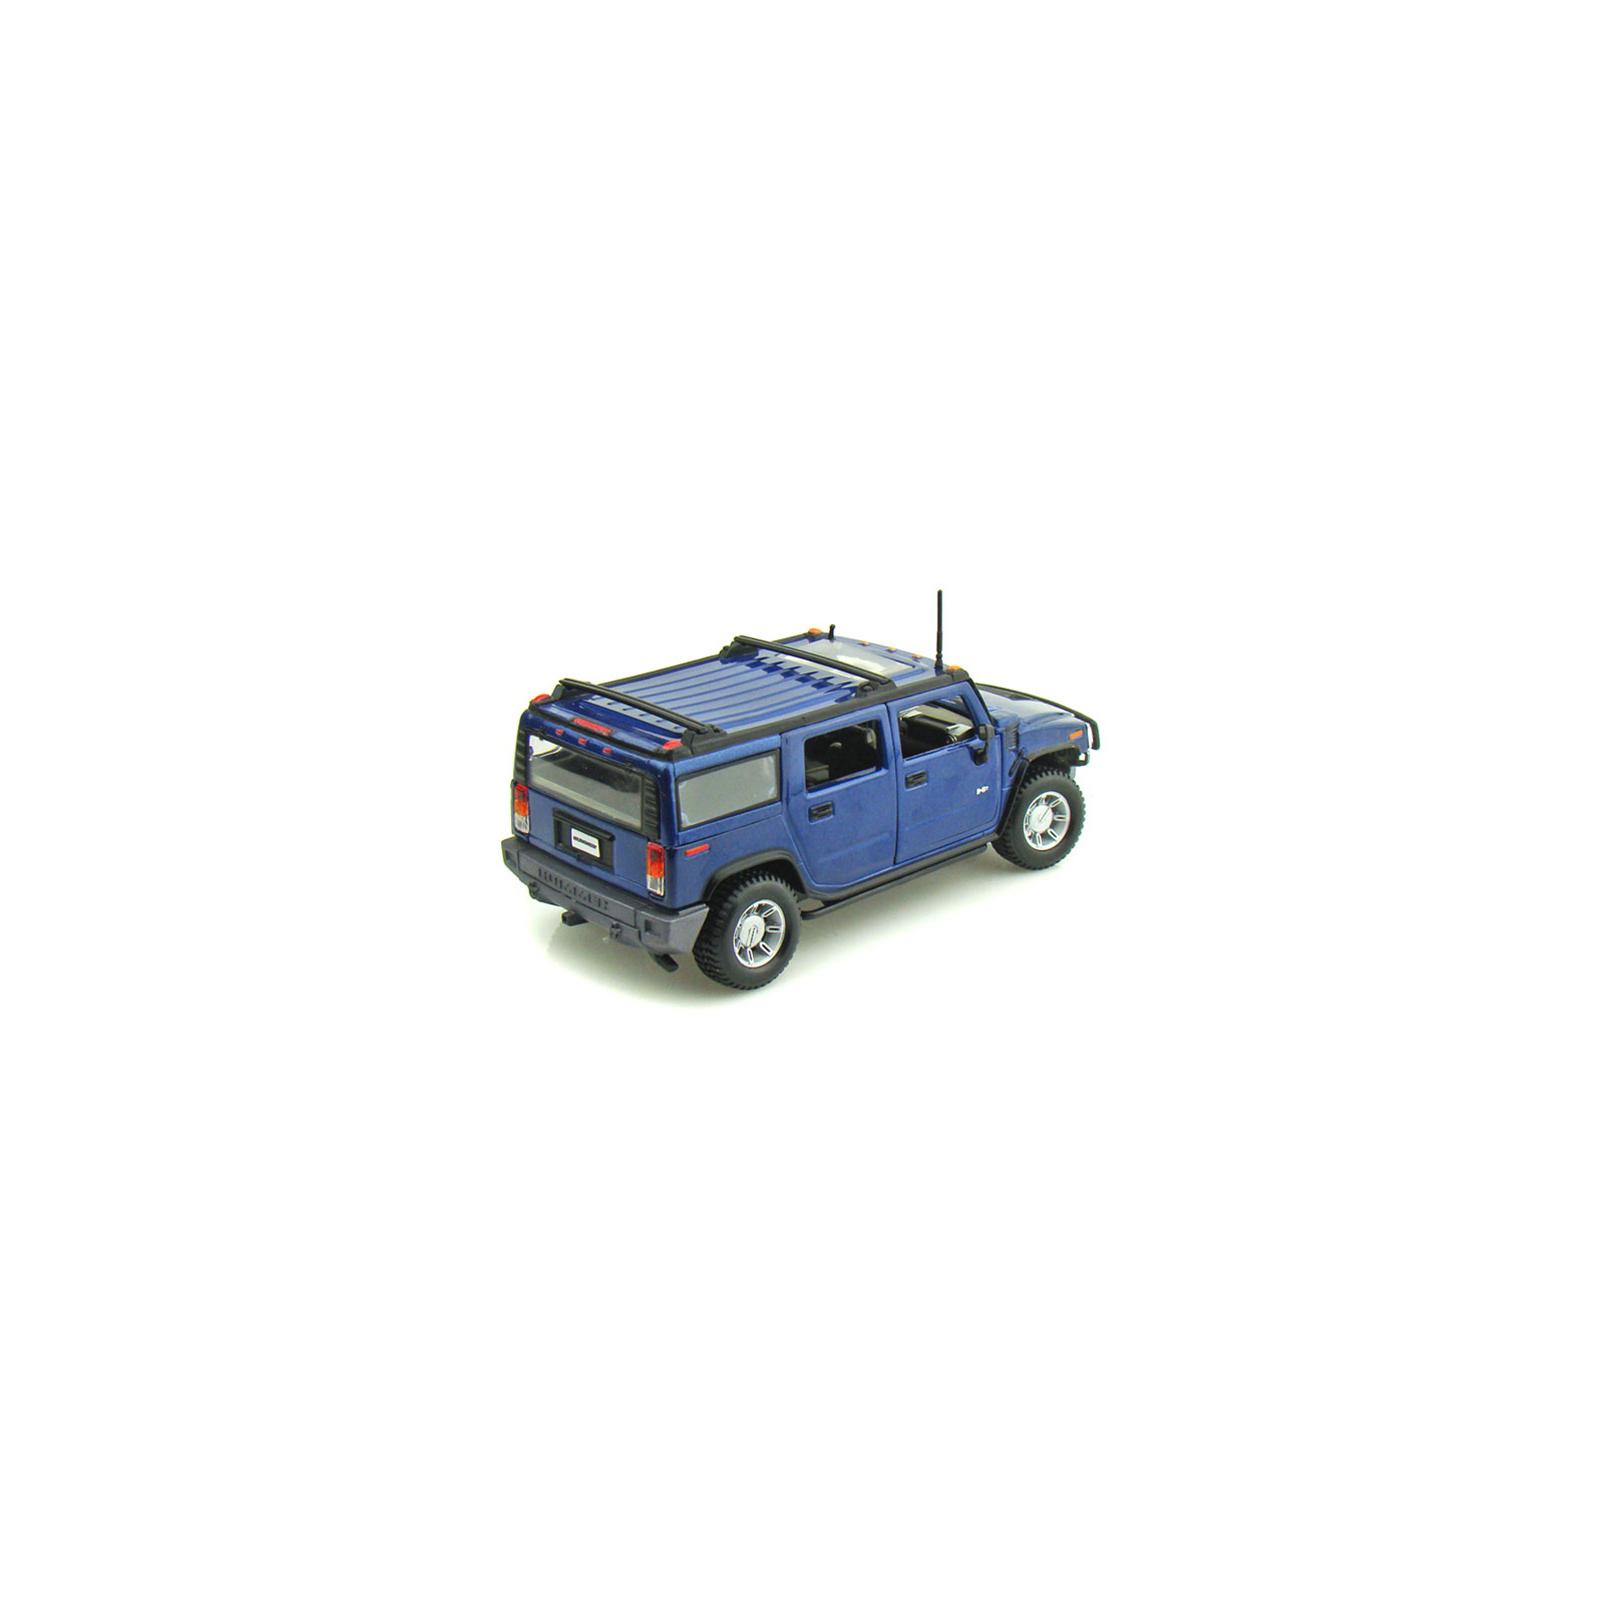 Машина Maisto Hummer H2 SUV 2003 (1:27) синий (31231 blue) изображение 2